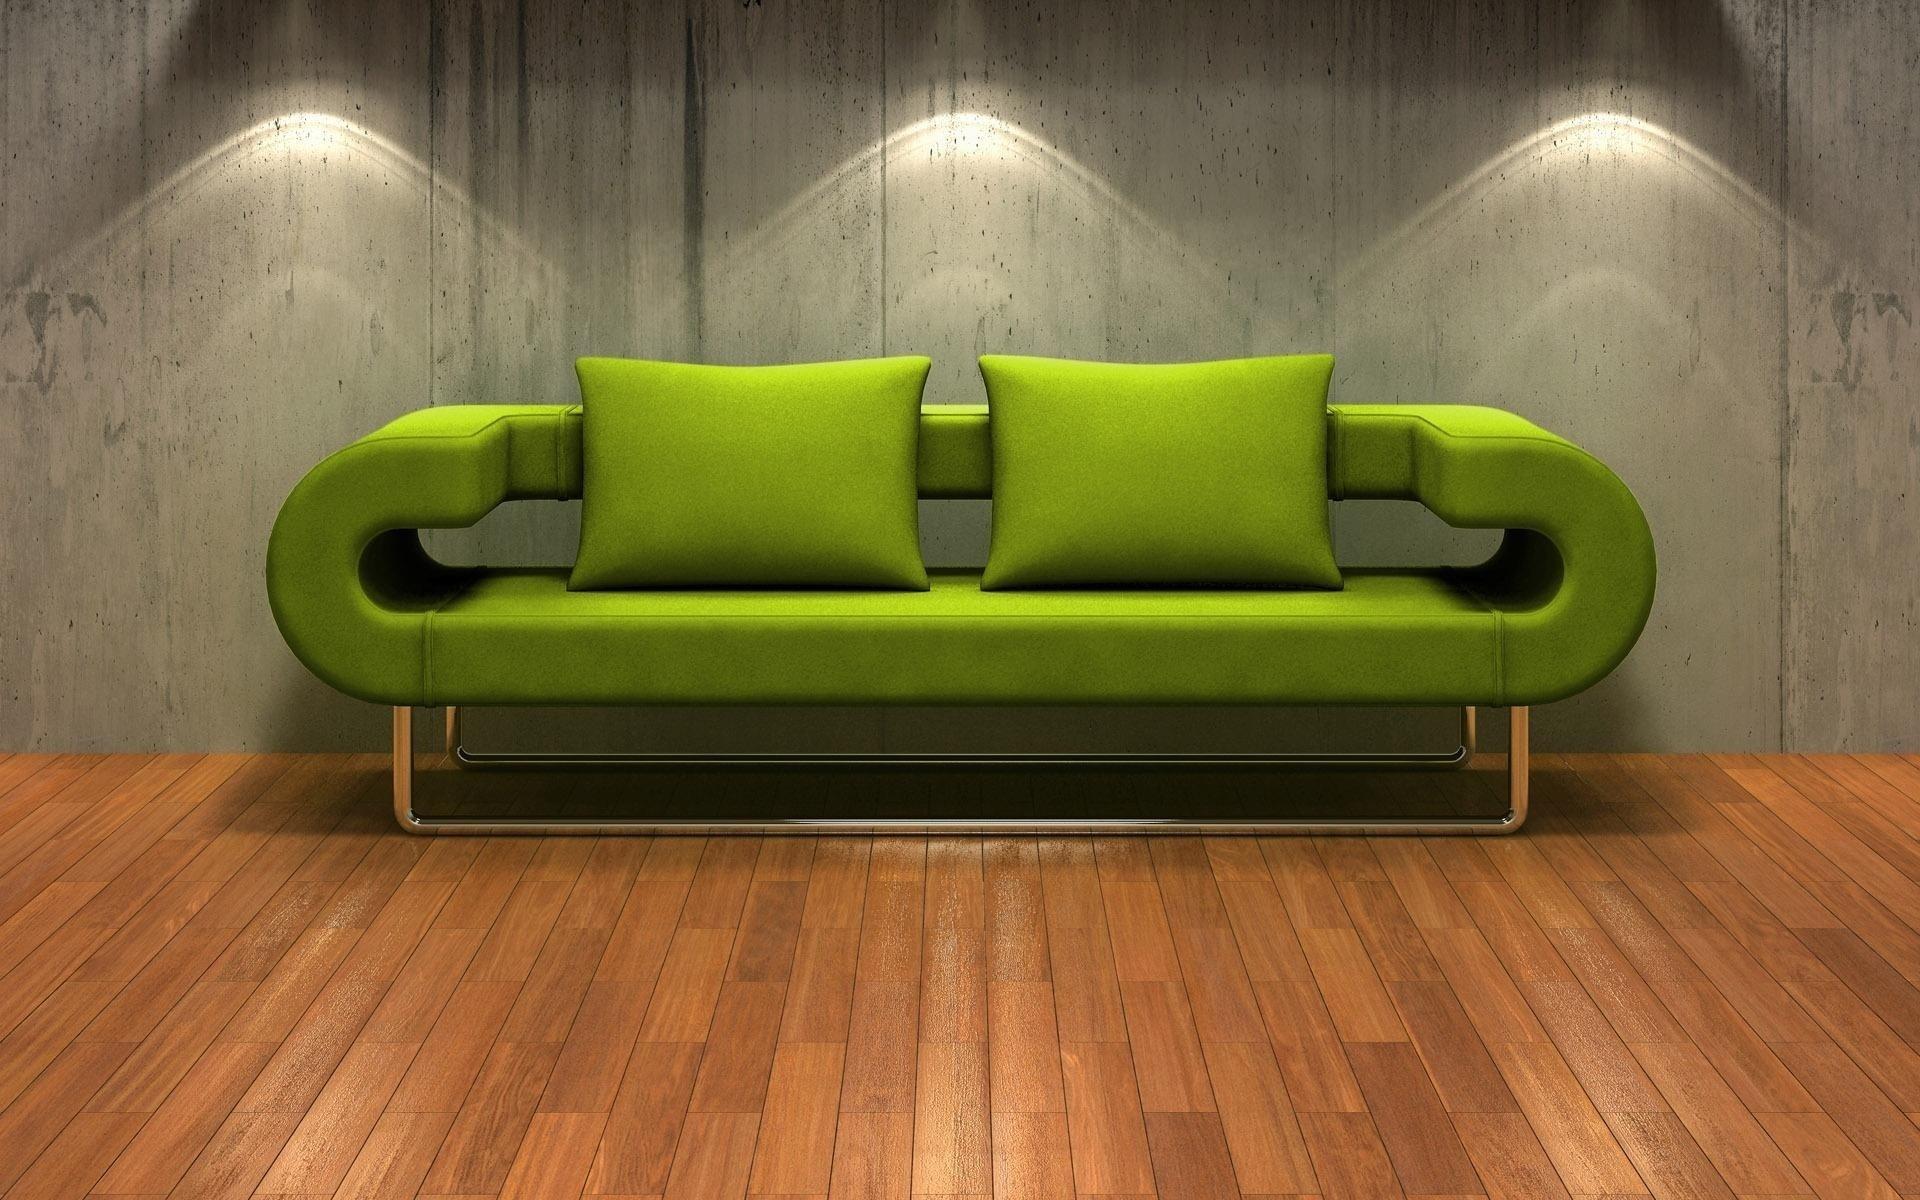 Зеленый диван с стиле хай-тек